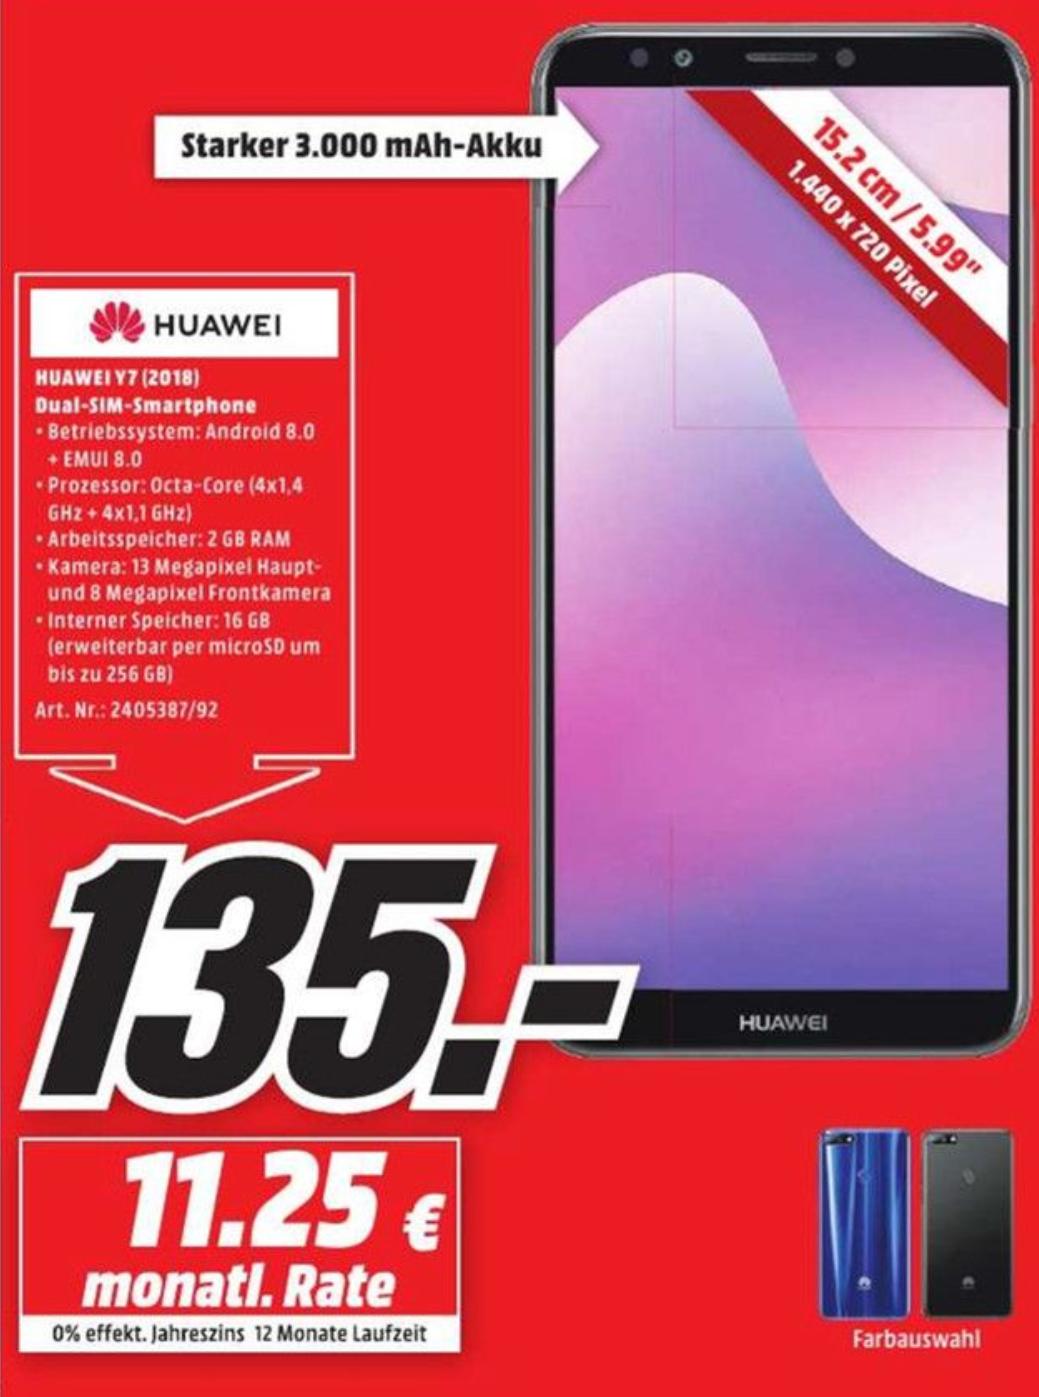 [Lokal Media Markt Verbund Berlin] Huawei Y7 2018 in zwei verschiedenen Farben für je 135€